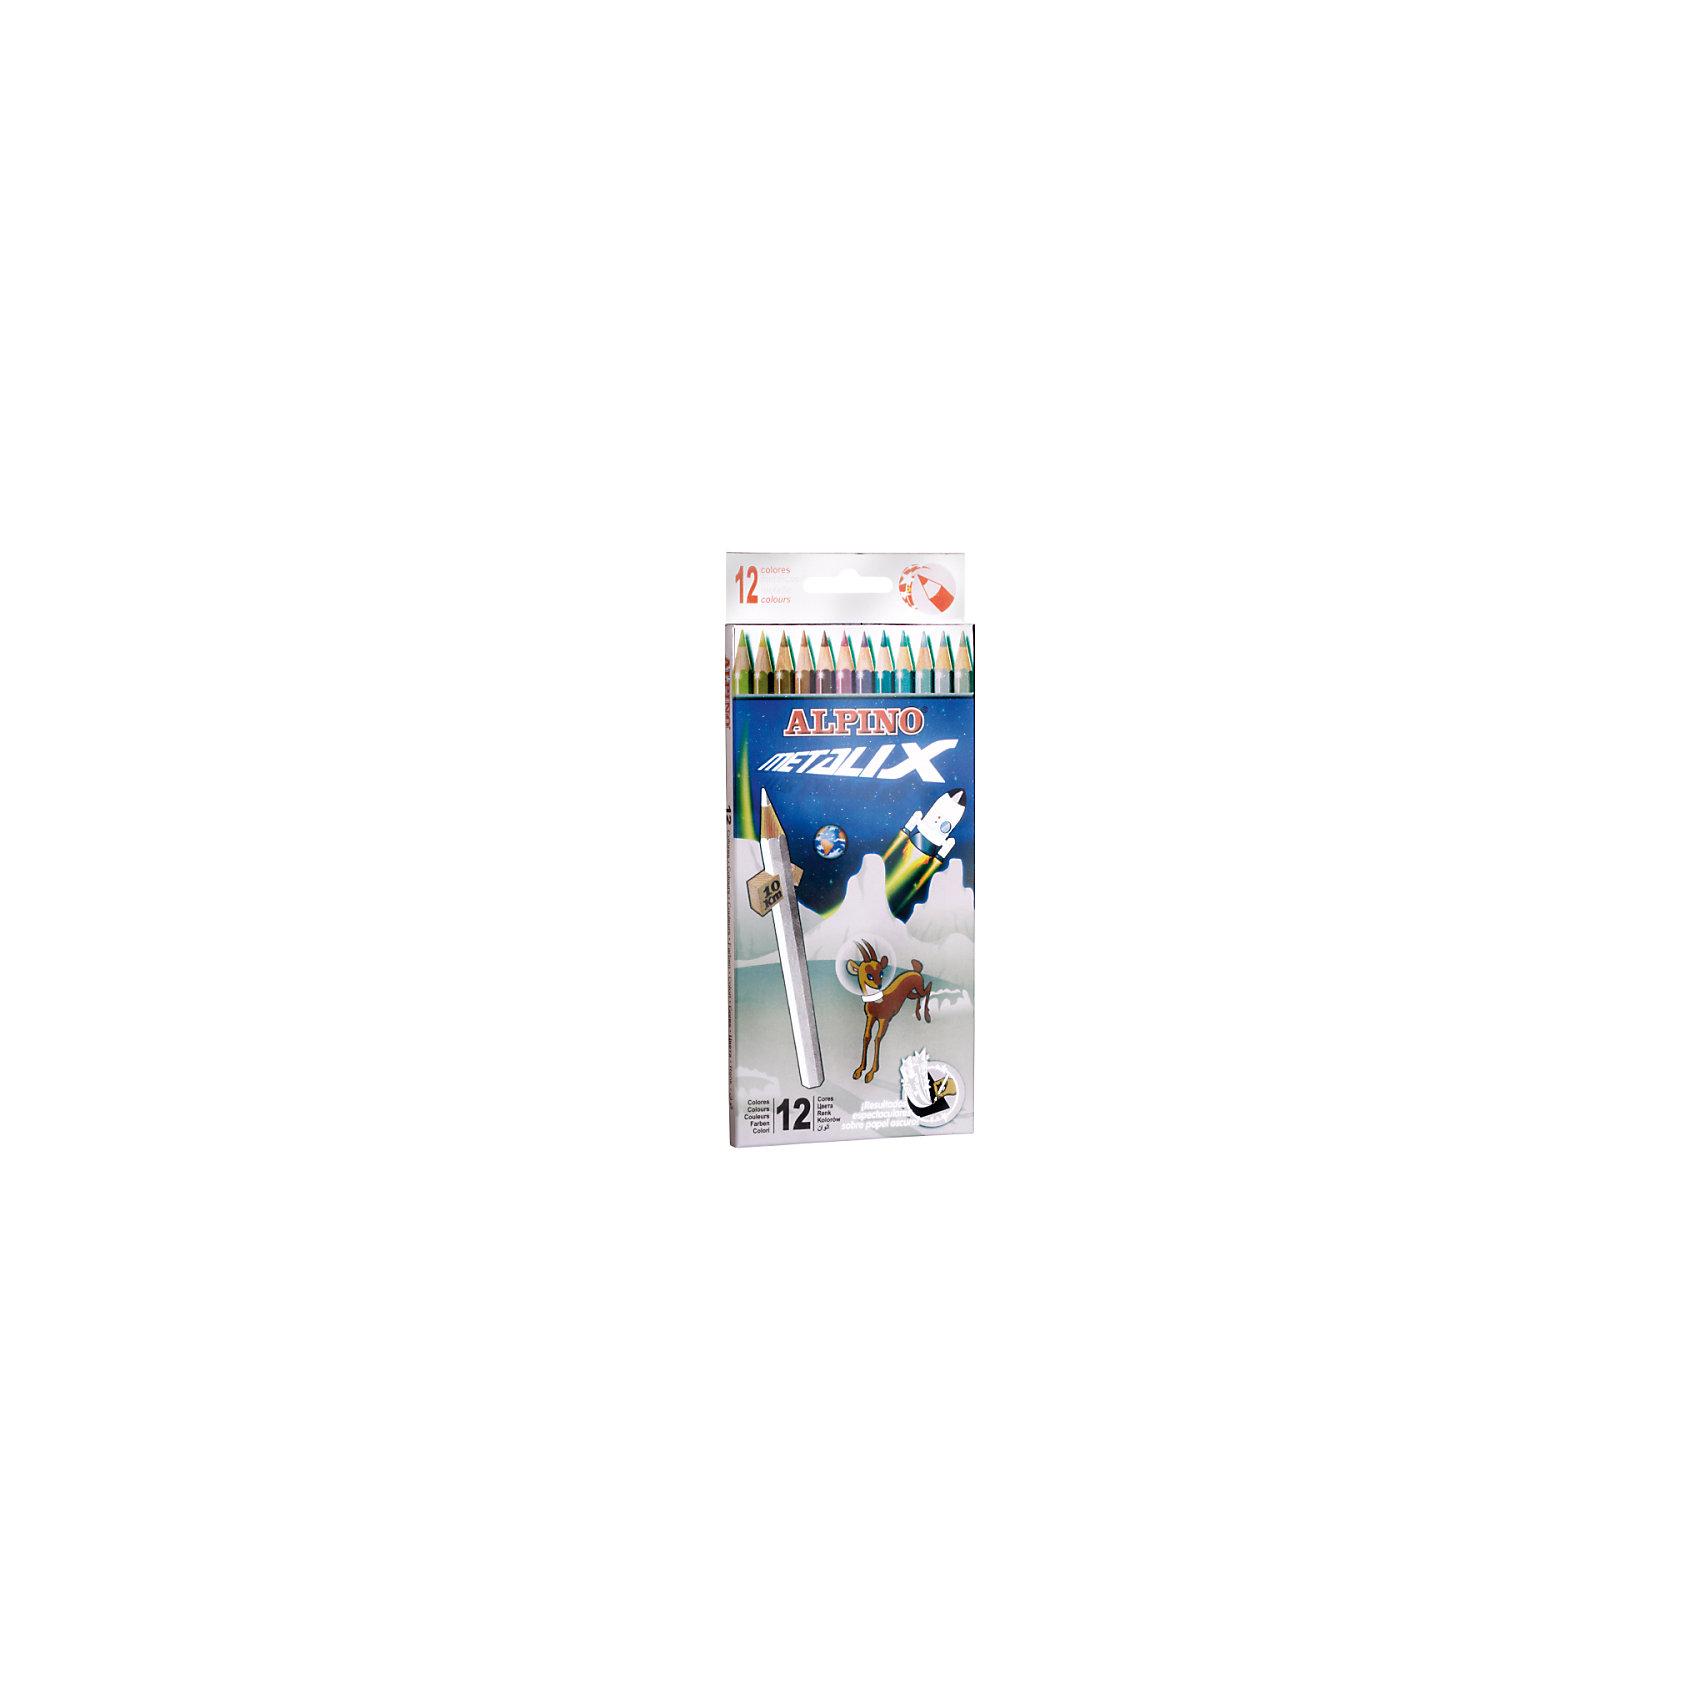 Цветные шестигранные карандаши METALIX (с металлизированным эффектом цвета), 12 цв.Рисование<br>Изготовлены из натуральных материалов по европейским стандартам качества (CE)<br>Параметры карандашей - диаметр корпуса: 6,9 мм, диаметр грифеля: 3 мм<br>Грифель даёт чистые, яркие и насыщенные цвета<br>Особенно интересные (фантастические) эффекты каждого цвета получаются на бумаге или картоне тёмных цветов. Рисование доставит истинное удовольствие детям и взрослым, а изображения зимних, ночных и вечерних сюжетов, а также водной стихии, подводного мира и космоса будут необыкновенно выразительны и удивительно правдоподобны<br>Легко отстирывается с большинства обычных тканей<br>Поломку грифеля предупреждает специальная технология его вклеивания<br>Качественная древесина обеспечивает лёгкое затачивание при помощи стандартных точилок<br>Упаковка с европетлей<br>Производитель: ALPINO (Испания)<br><br>Ширина мм: 90<br>Глубина мм: 10<br>Высота мм: 217<br>Вес г: 76<br>Возраст от месяцев: 36<br>Возраст до месяцев: 120<br>Пол: Унисекс<br>Возраст: Детский<br>SKU: 5389704